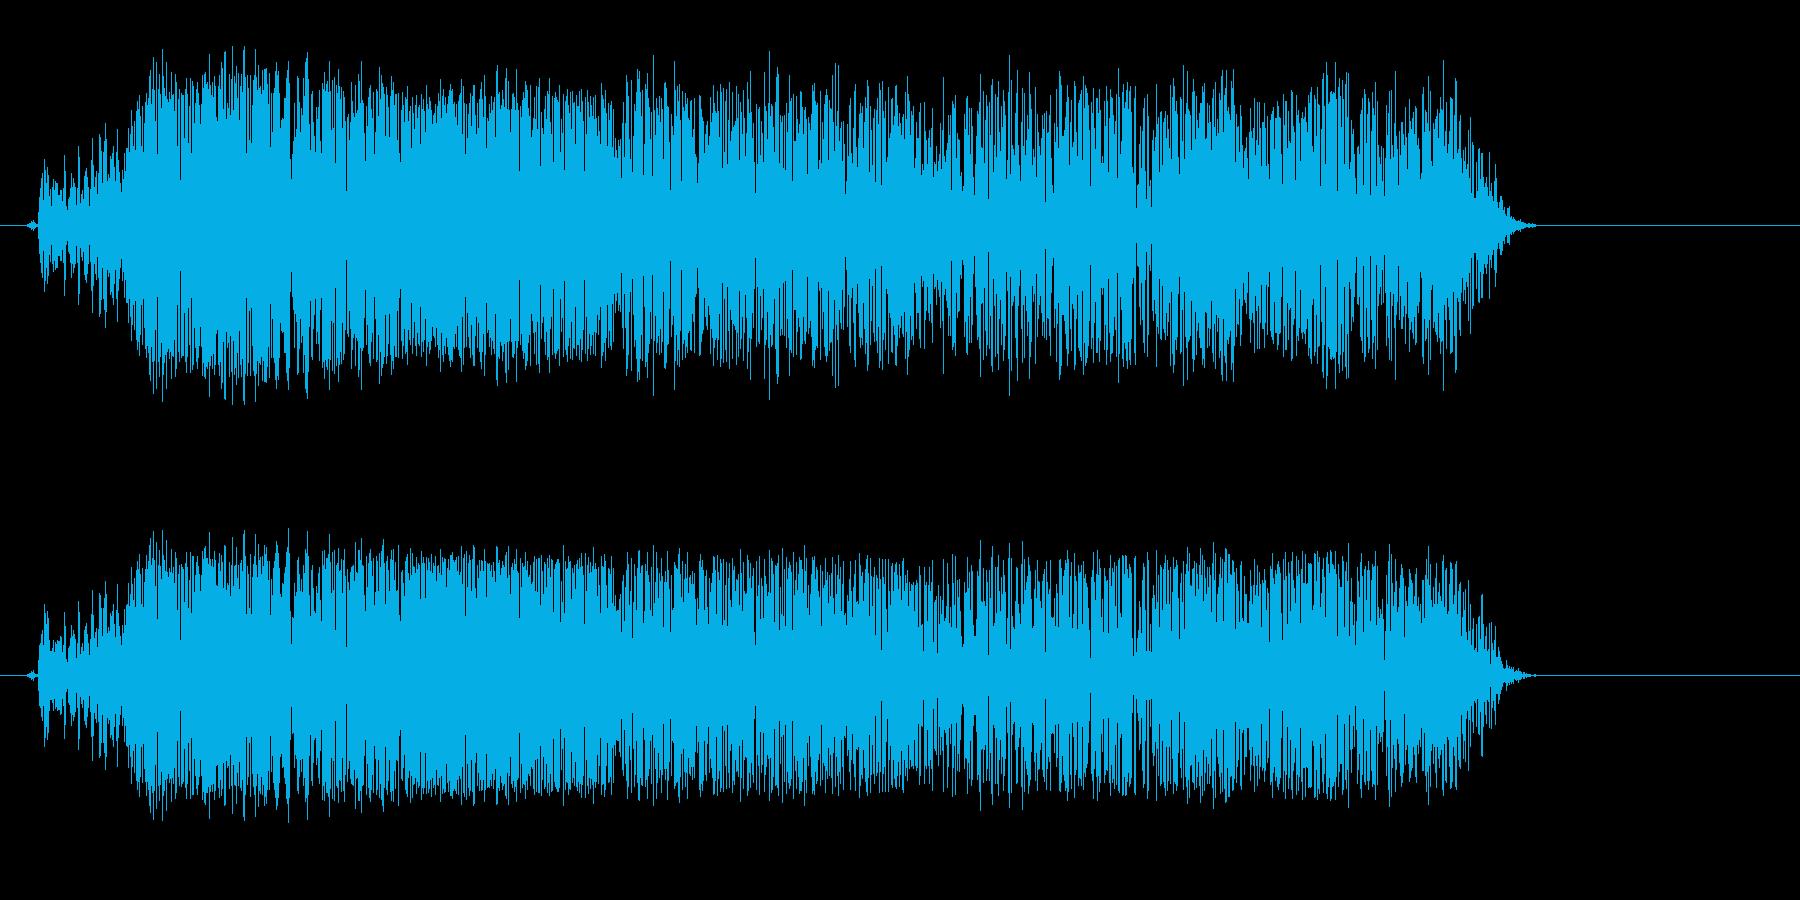 メェー(羊が鳴く音02)の再生済みの波形